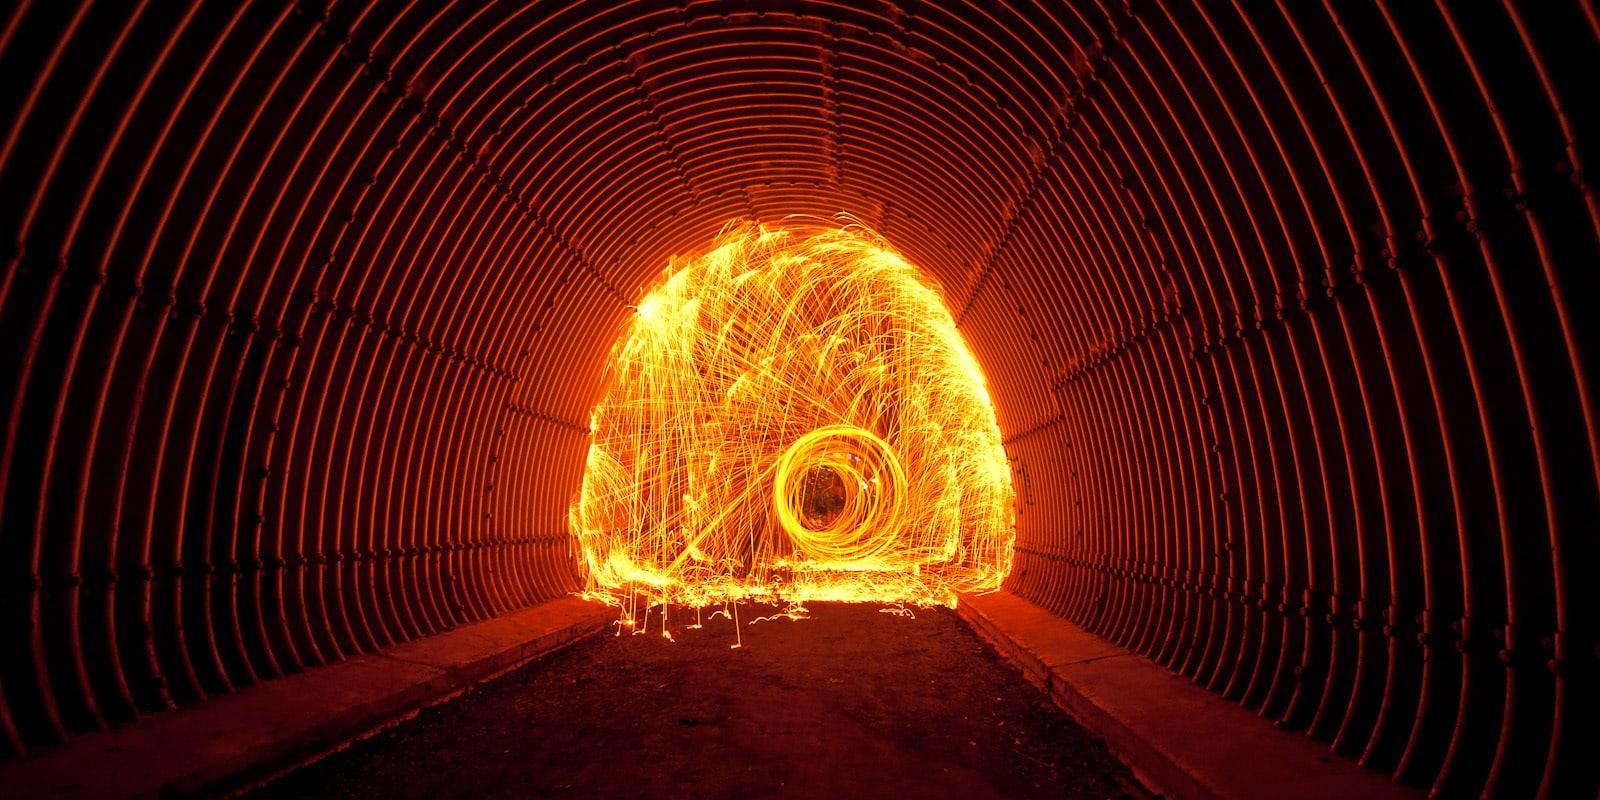 Ejemplo de Fotografía Lightpainting